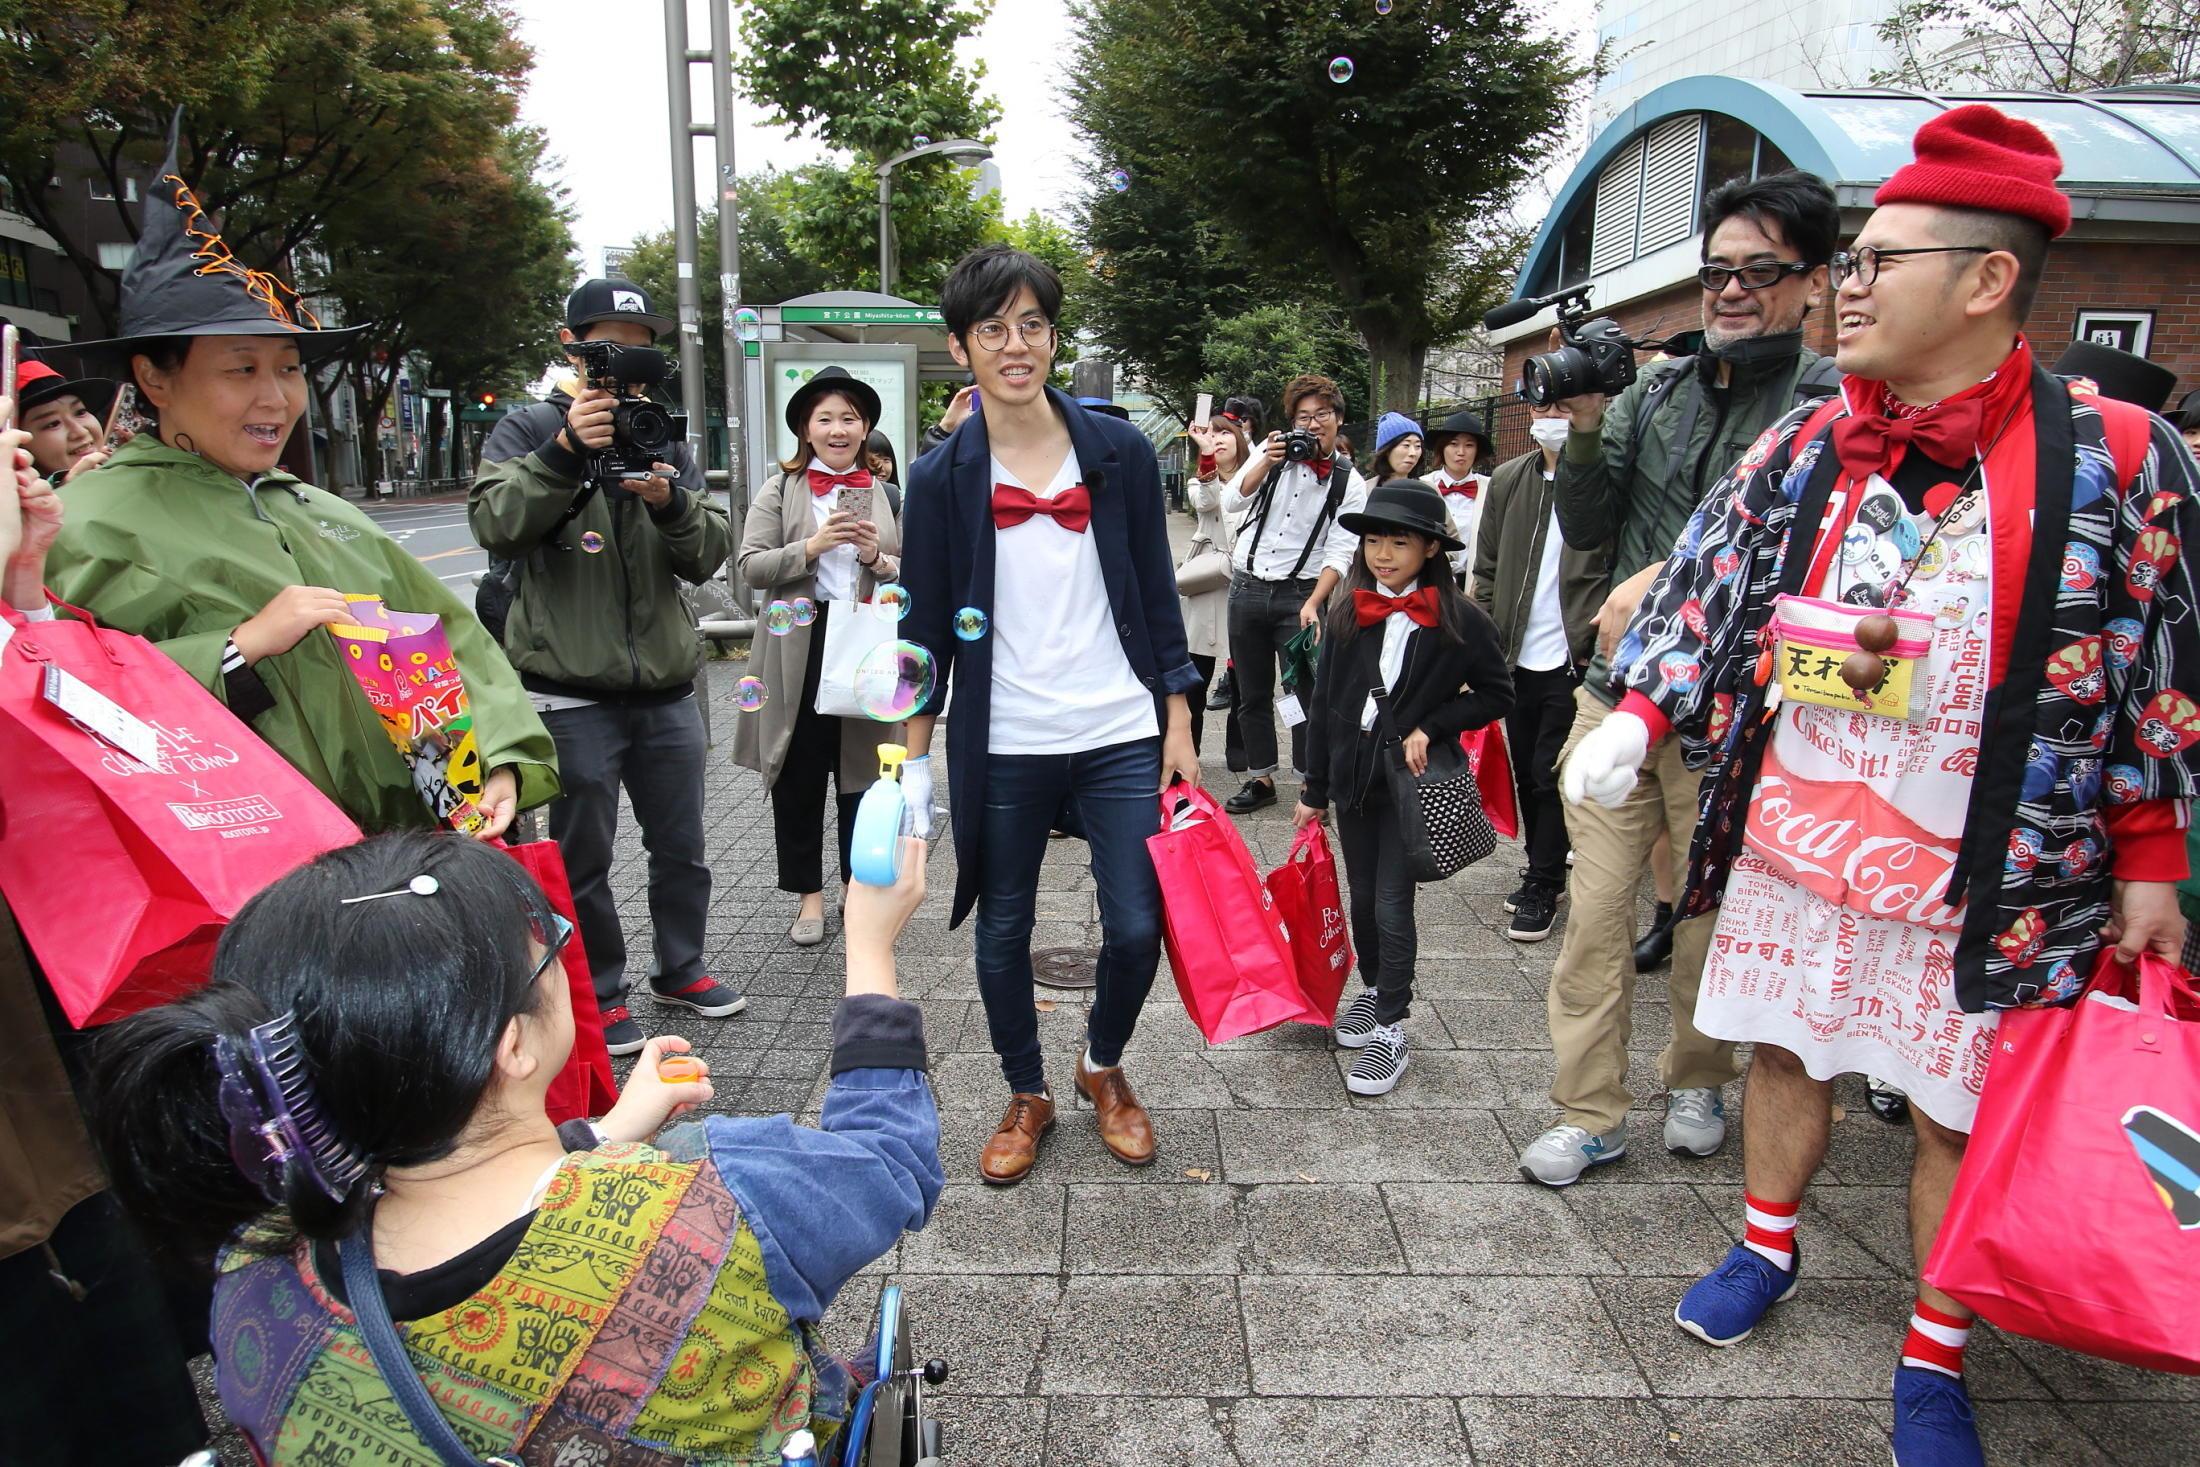 http://news.yoshimoto.co.jp/20161031085535-9ca1d180d7c92e2bba06eca7cc6f6bcb531b6a2f.jpg